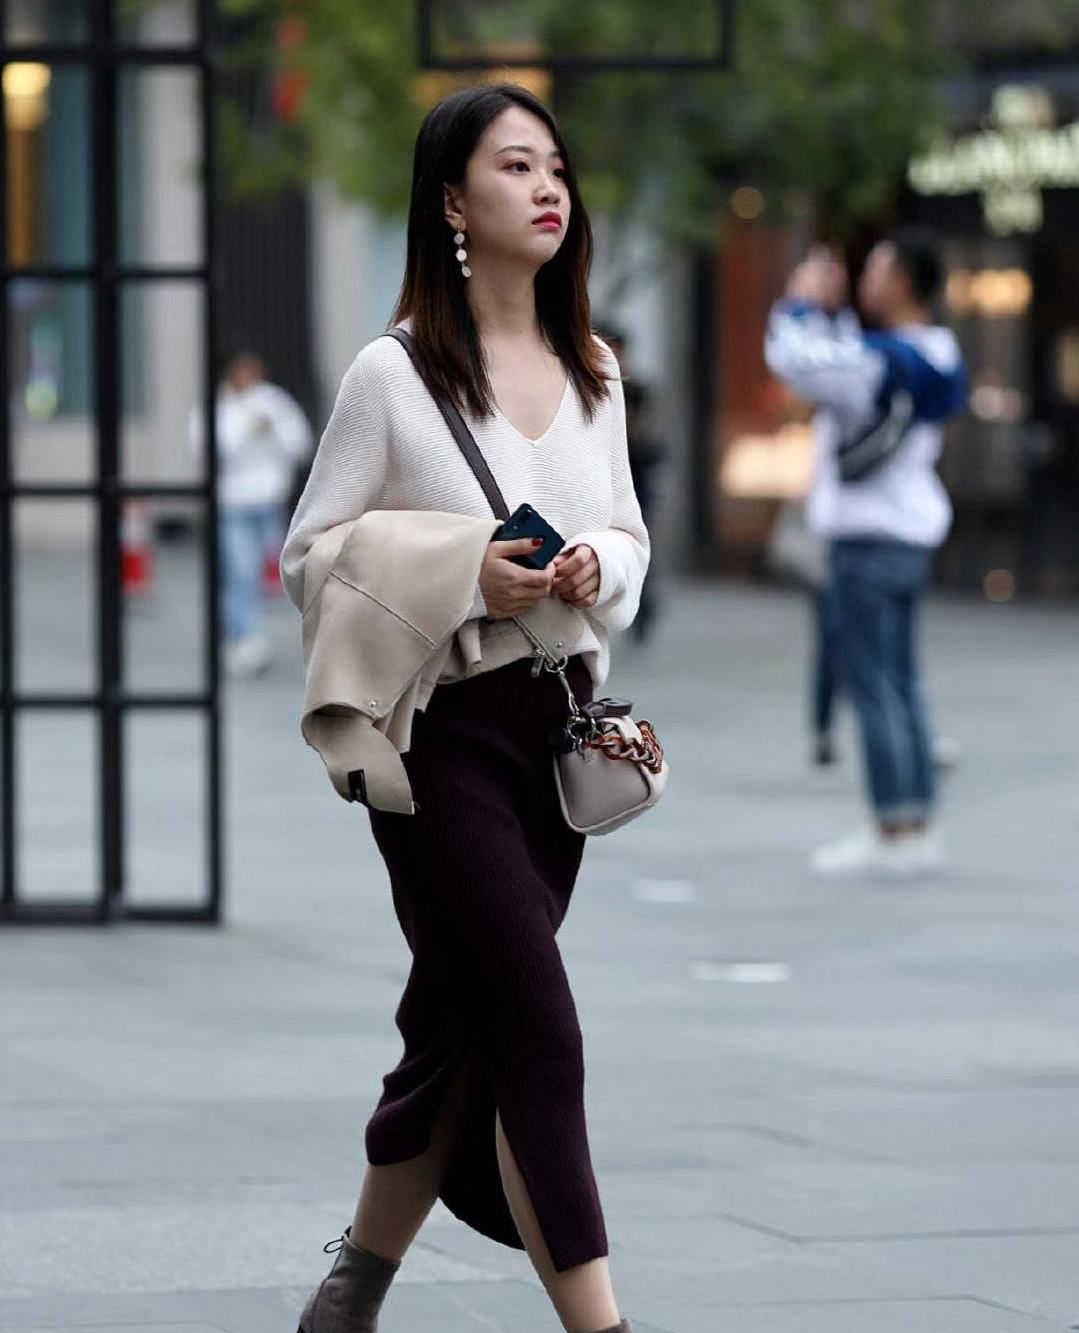 街拍:小姐姐白色针织衫搭配黑色紧身裙,长发披肩温柔甜美